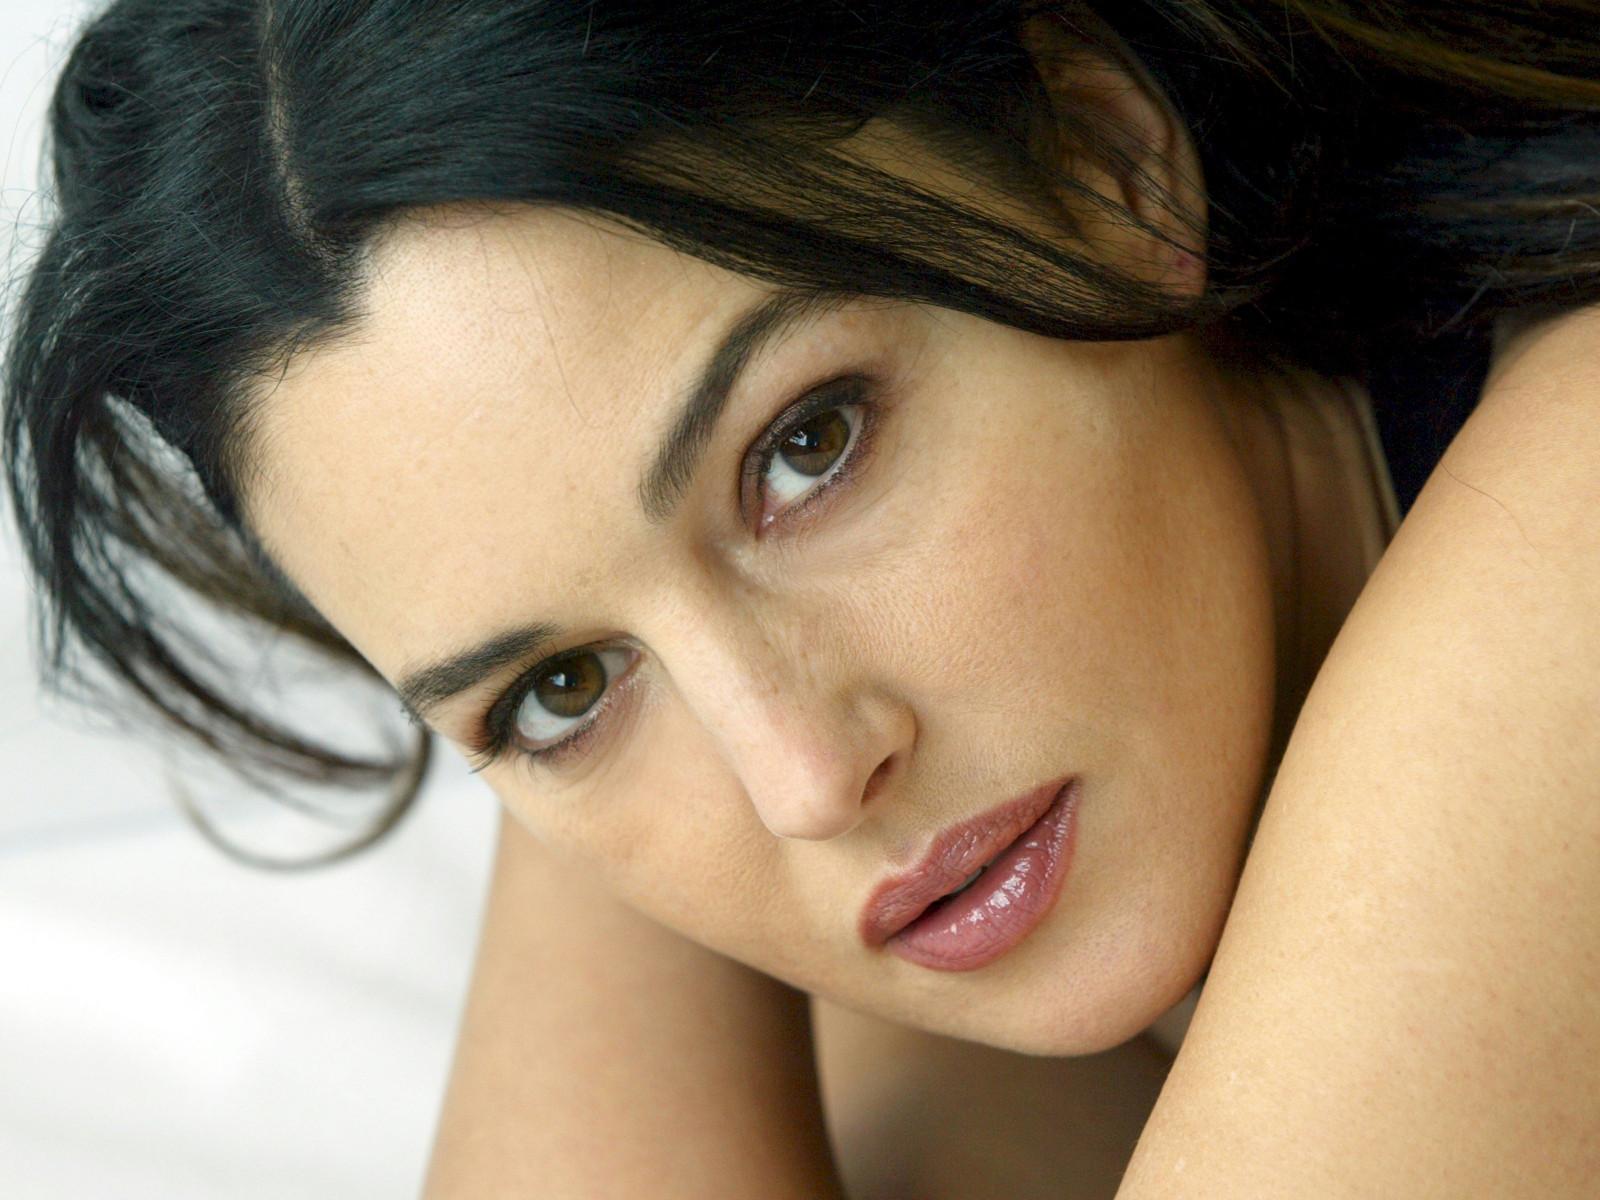 Italian female models, gujarath aunty sex